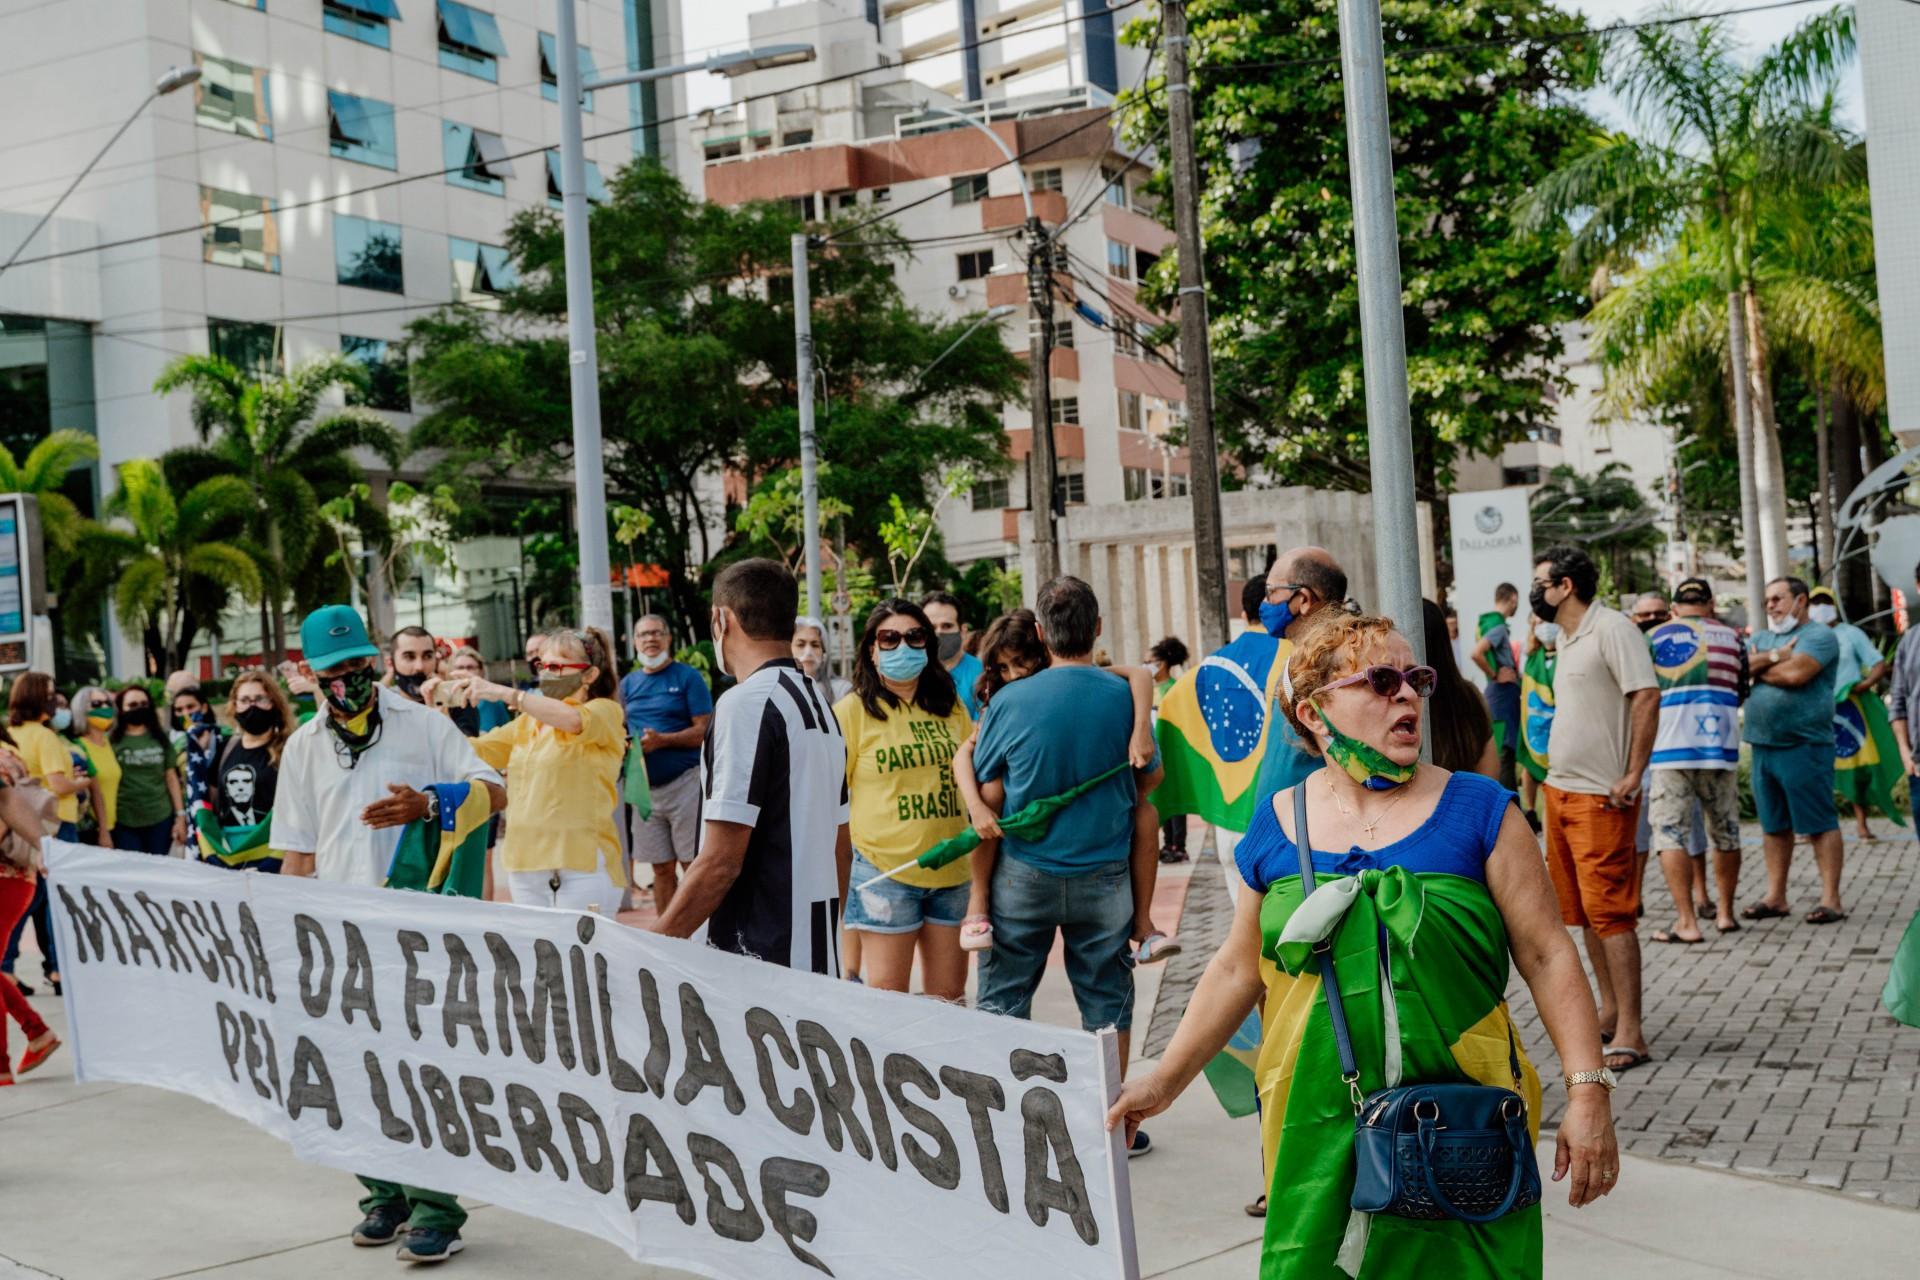 Manifestantes se concentraram na Praça Portugal, ontem à tarde (Foto: JÚLIO CAESAR)